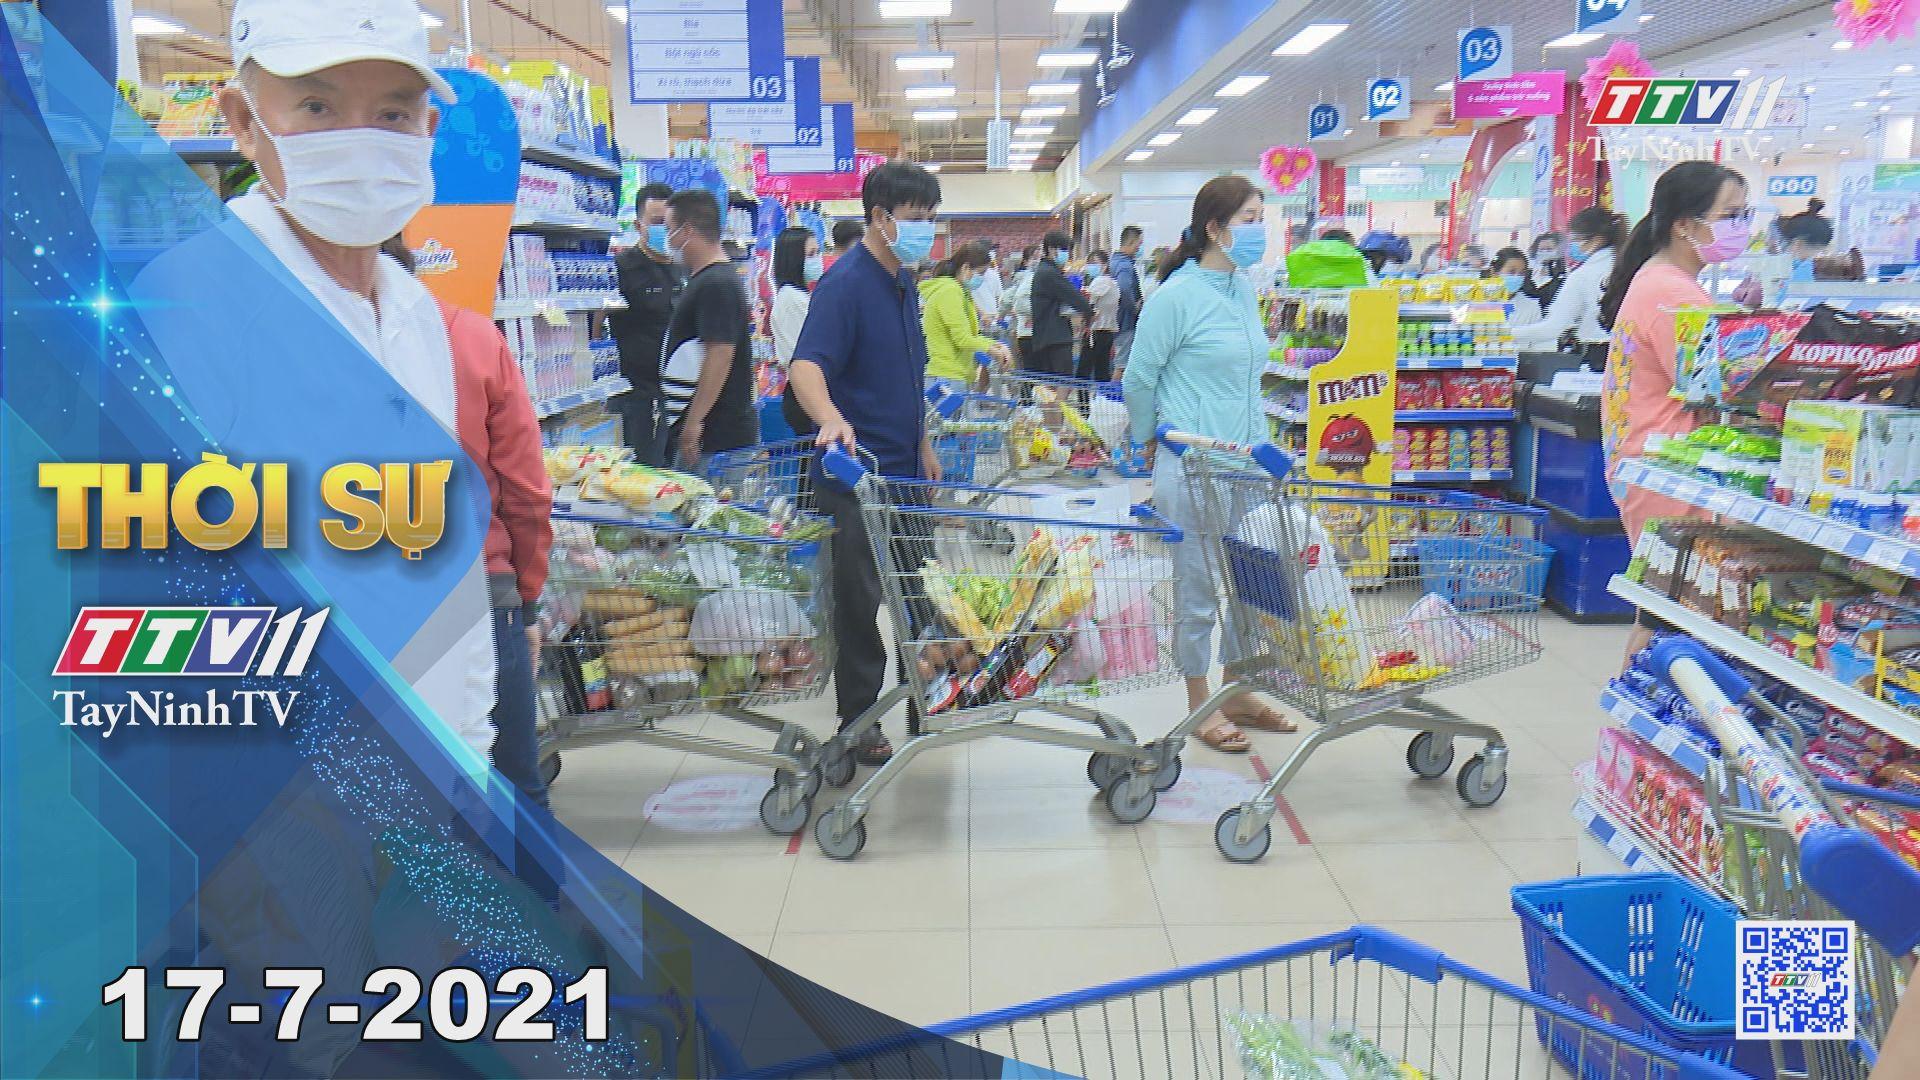 Thời sự Tây Ninh 17-7-2021 | Tin tức hôm nay | TayNinhTV